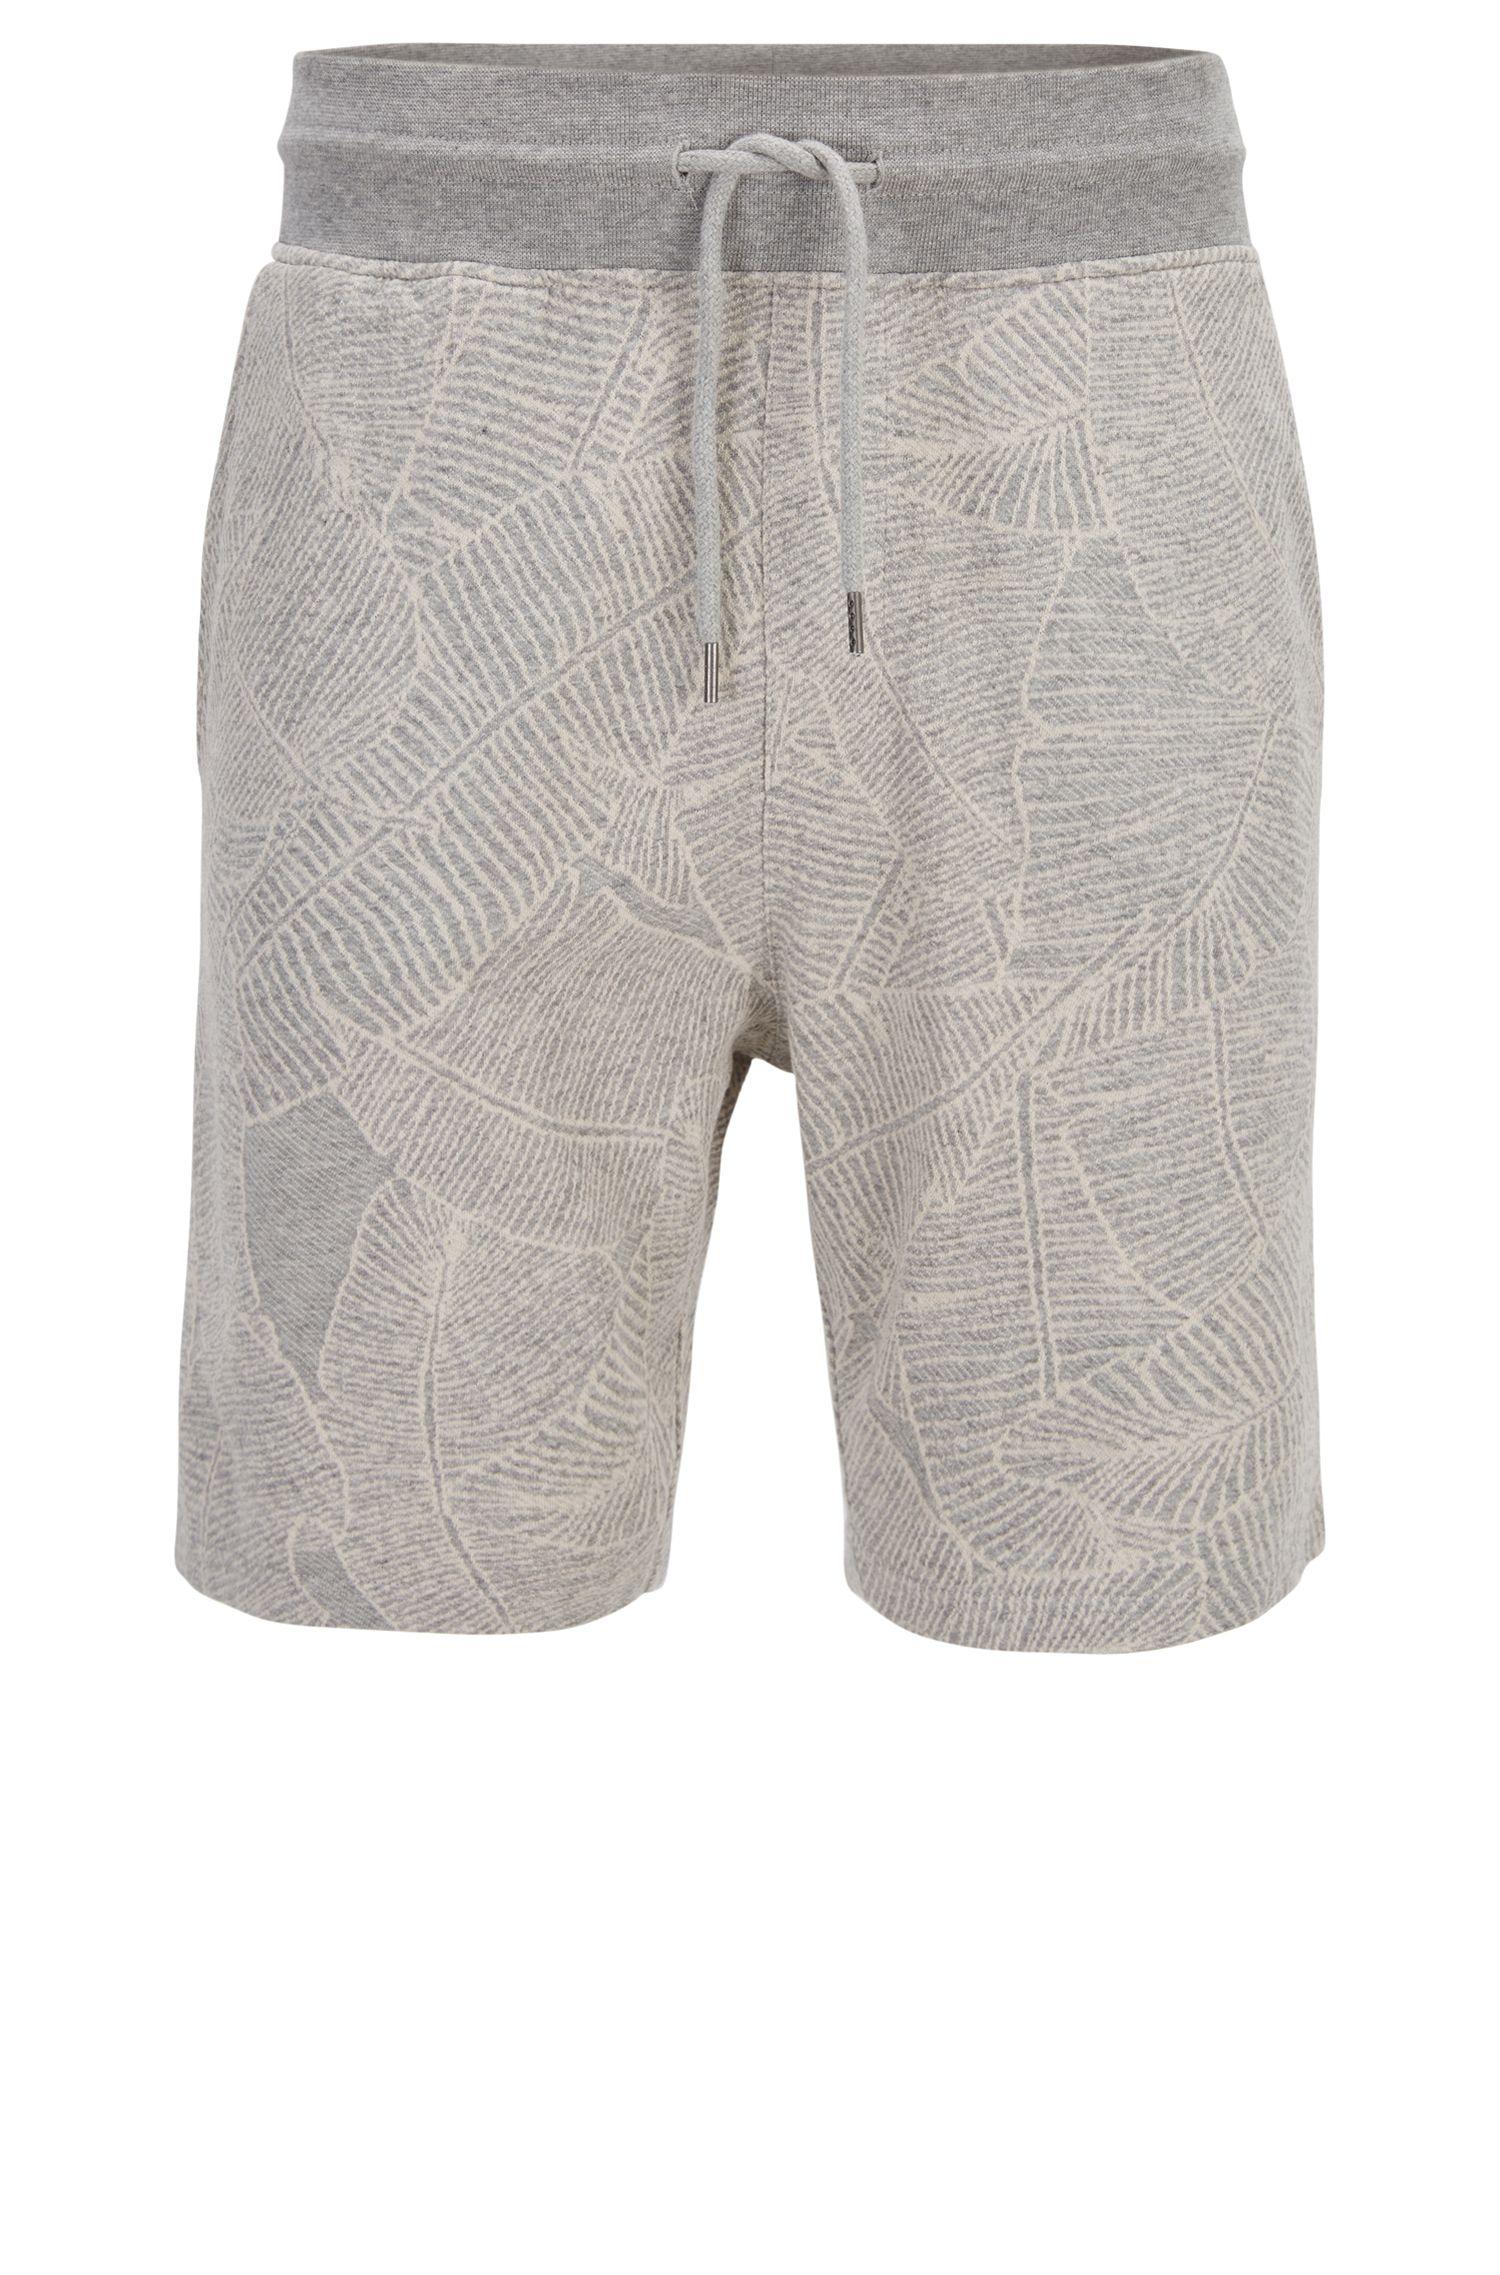 Pantaloncini a disegni in cotone terry tinto in filo